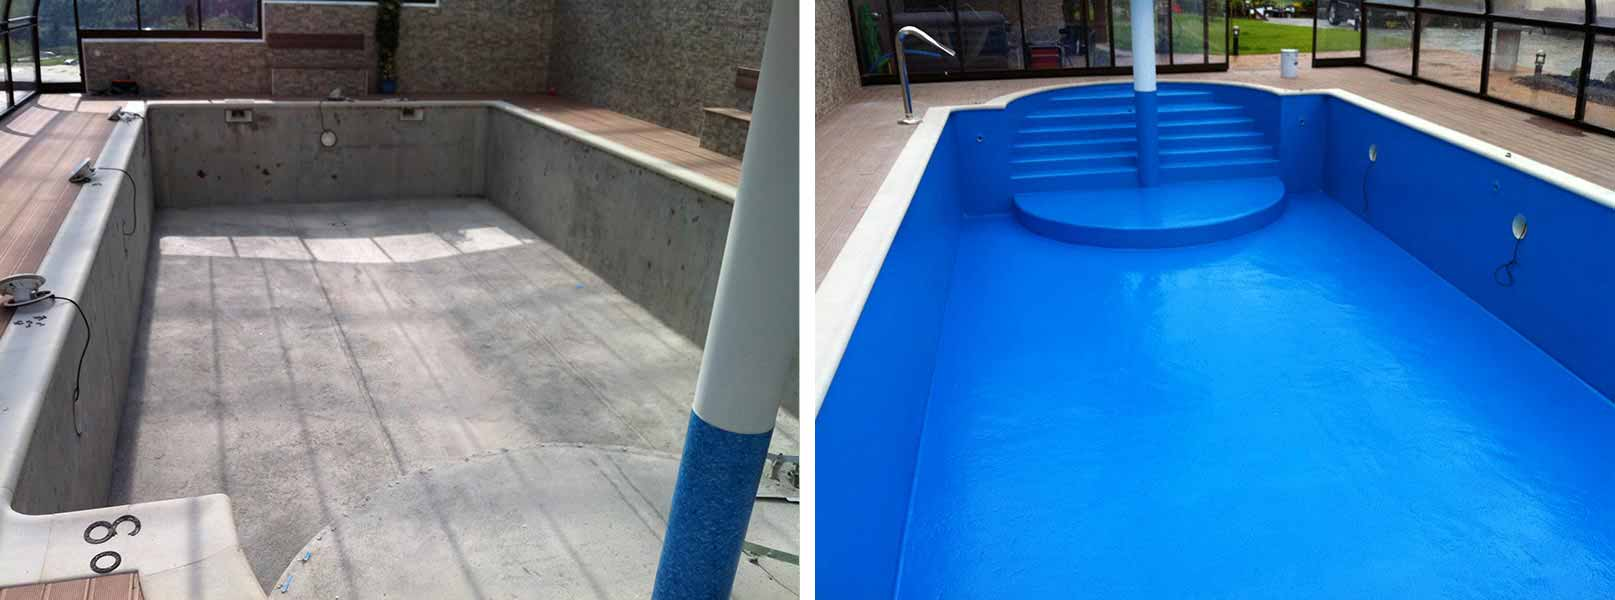 Aislamiento e impermeabilización de piscinas